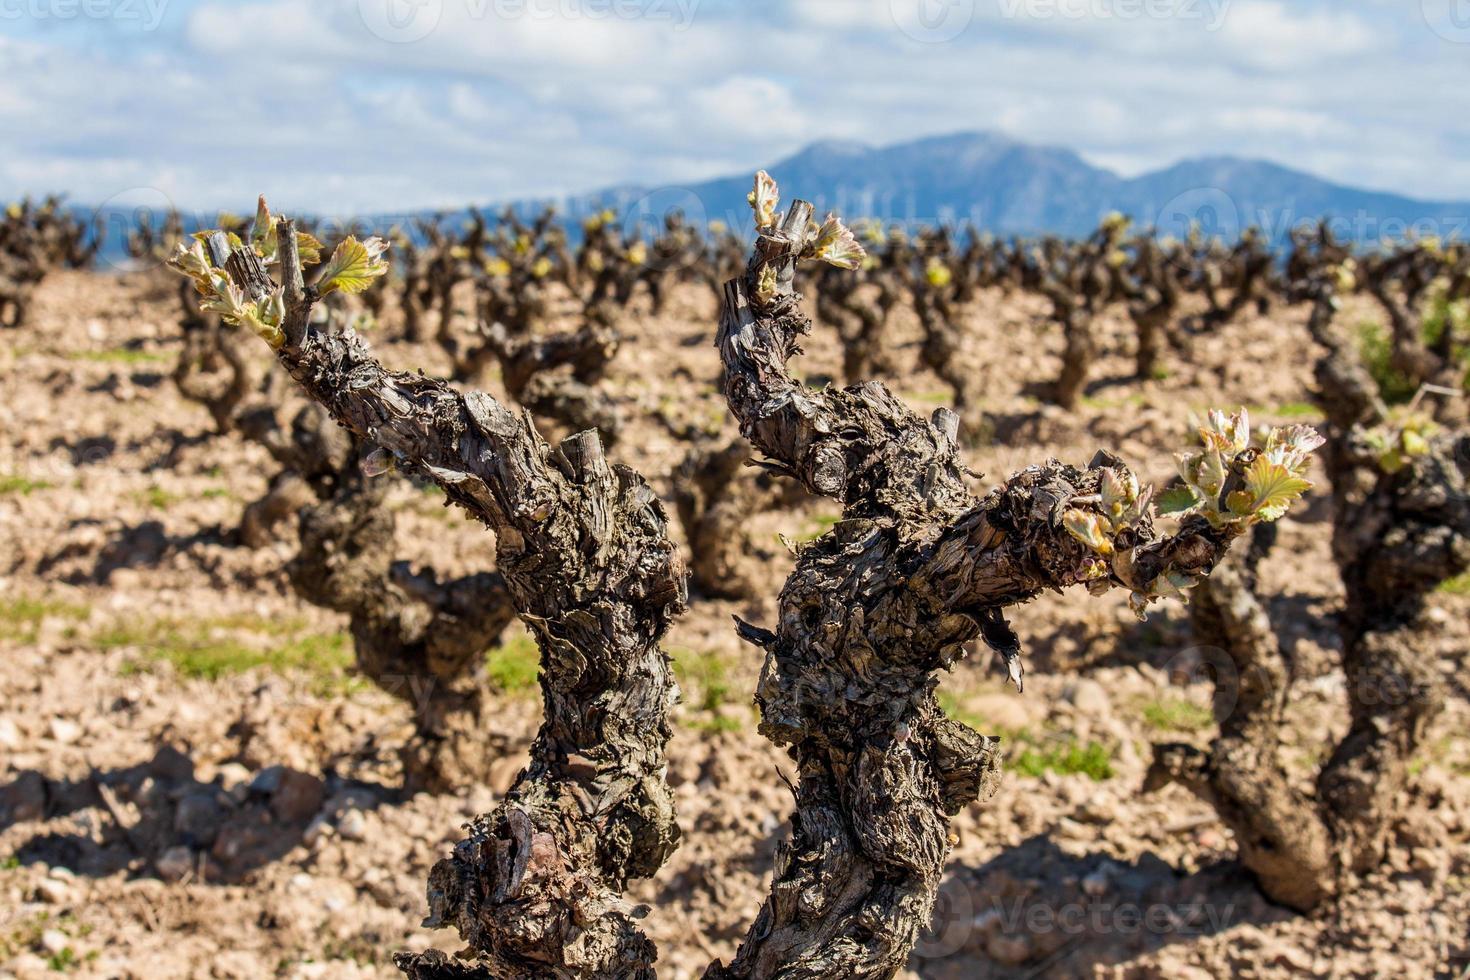 vingård på nära håll foto